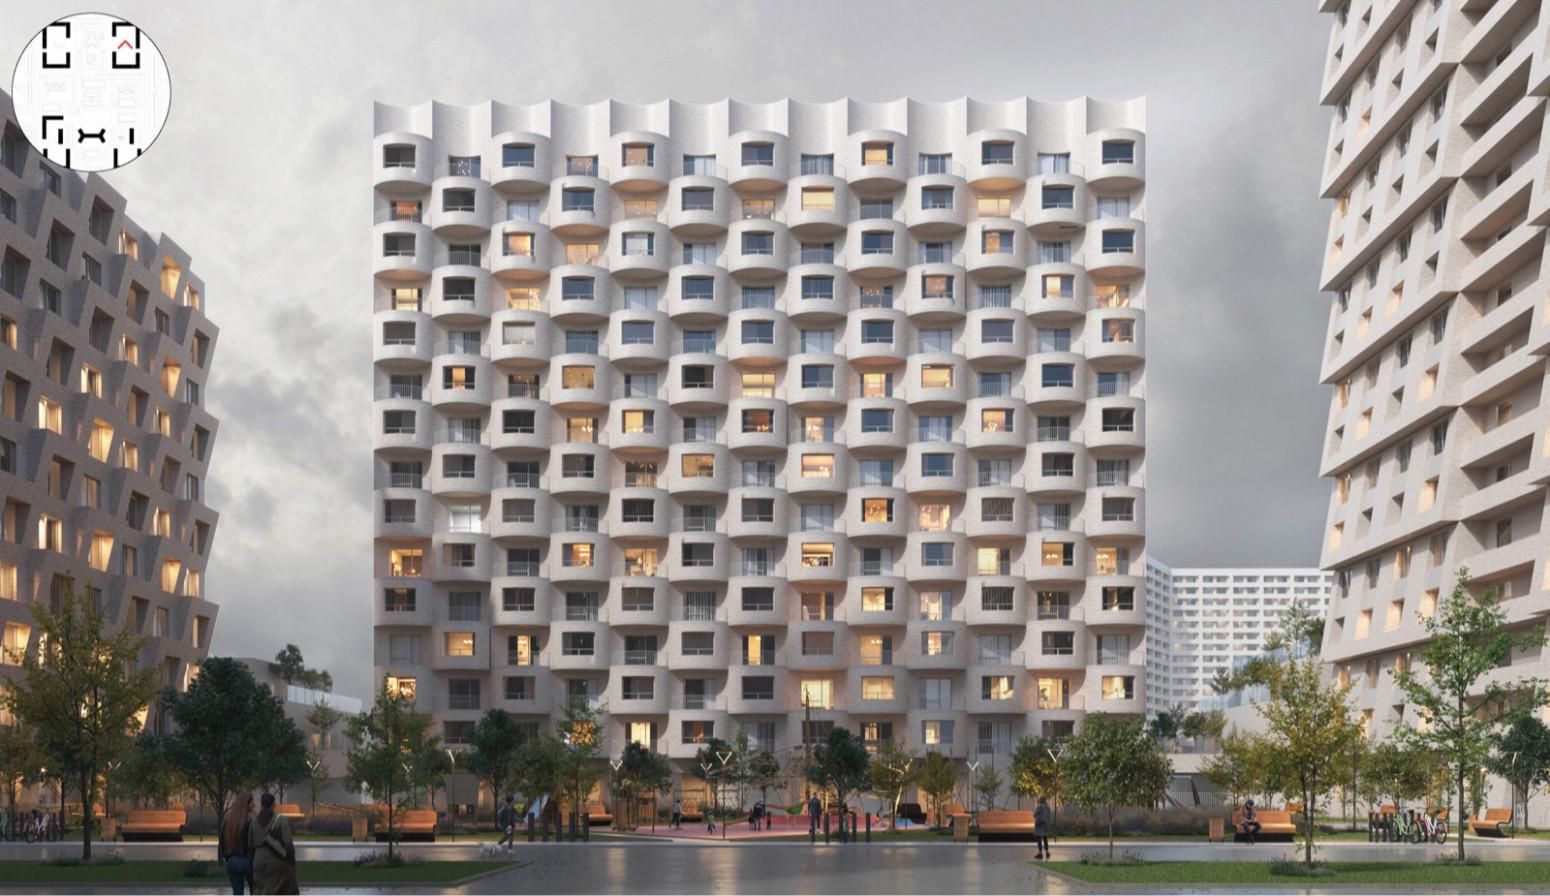 В Москве названы победители архитектурного конкурса по программе реновации